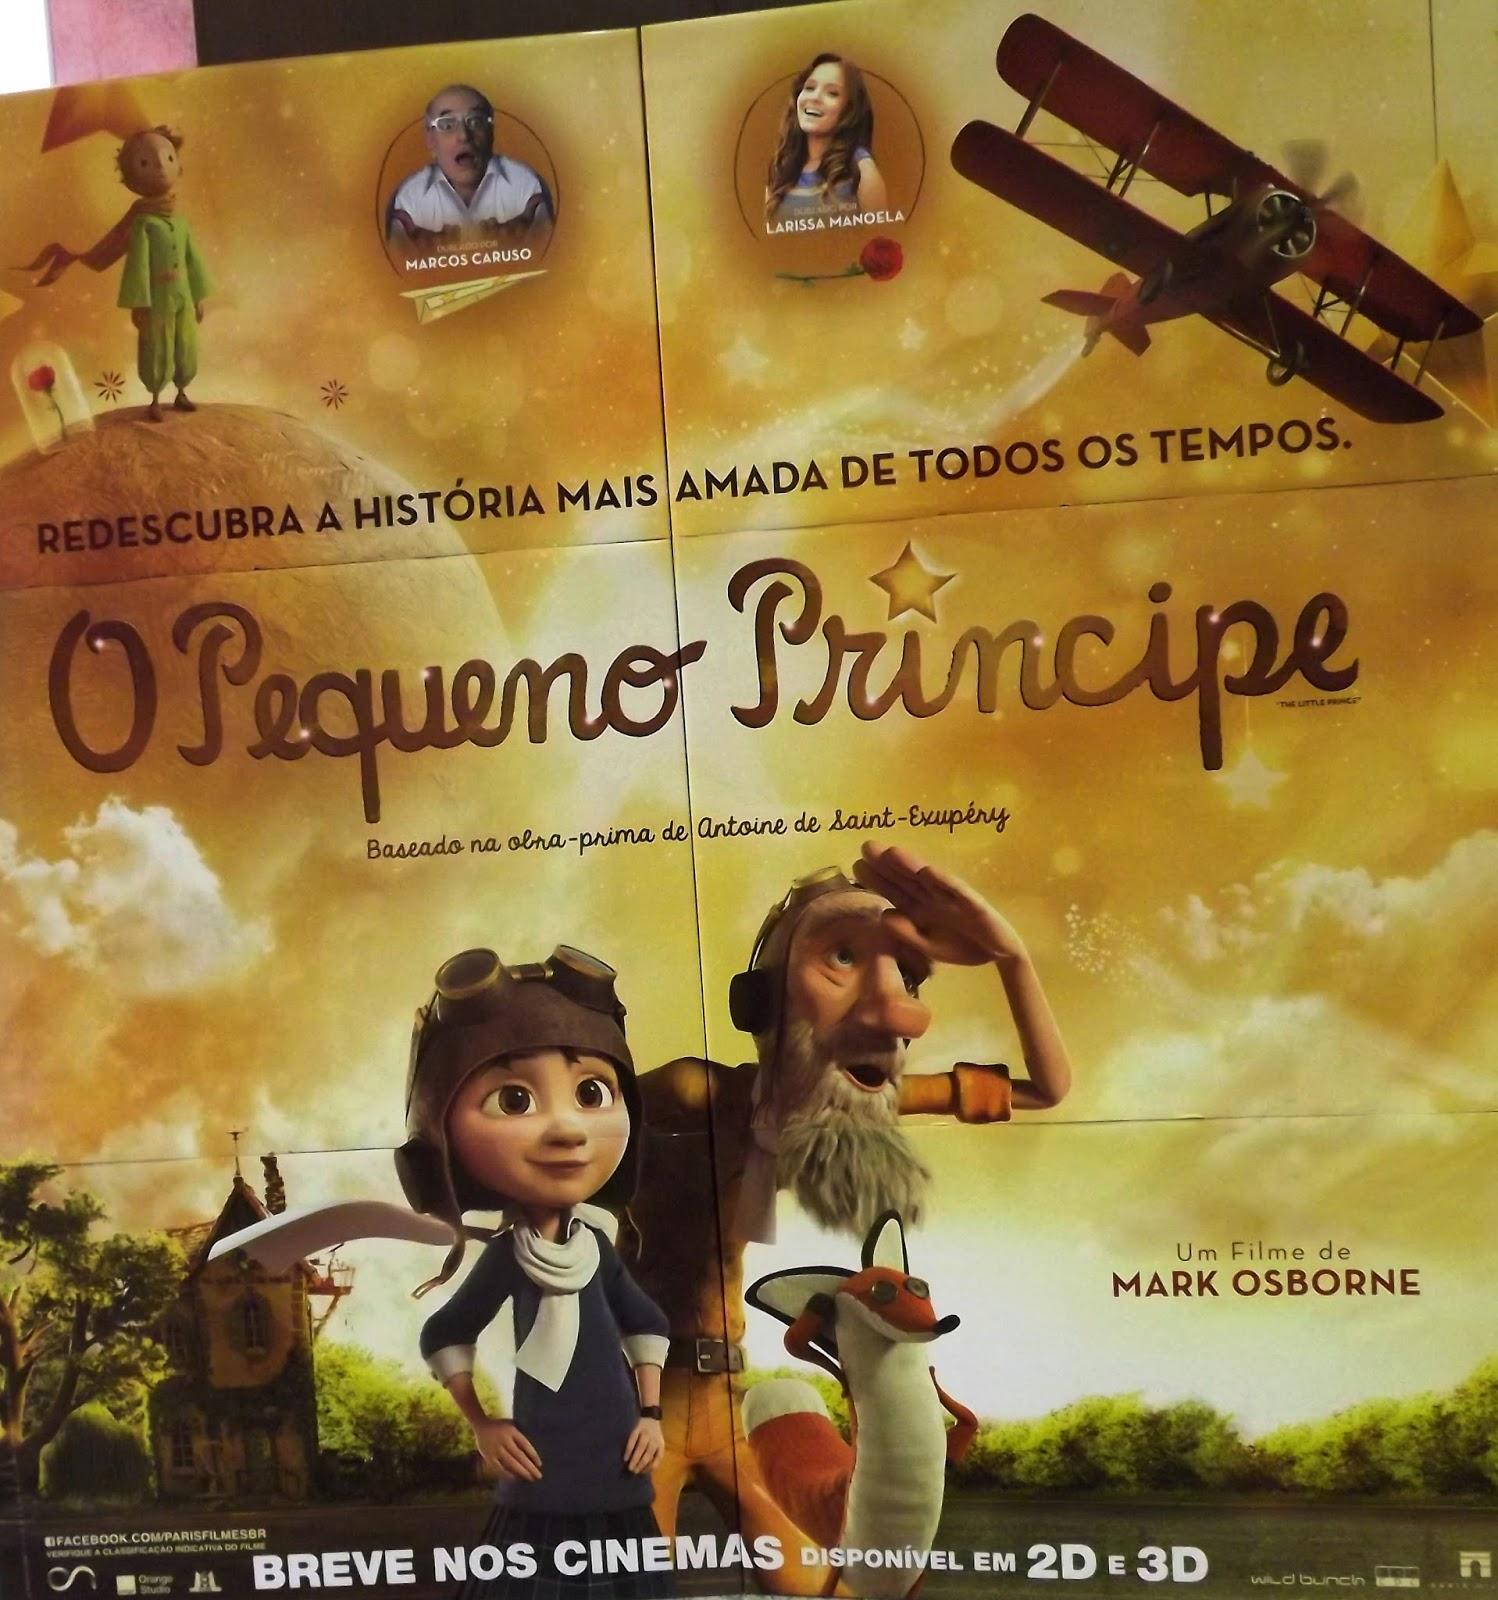 Filme O Pequeno Principe 2015 throughout escola núcleo deolindo zílio: filme - o pequeno príncipe